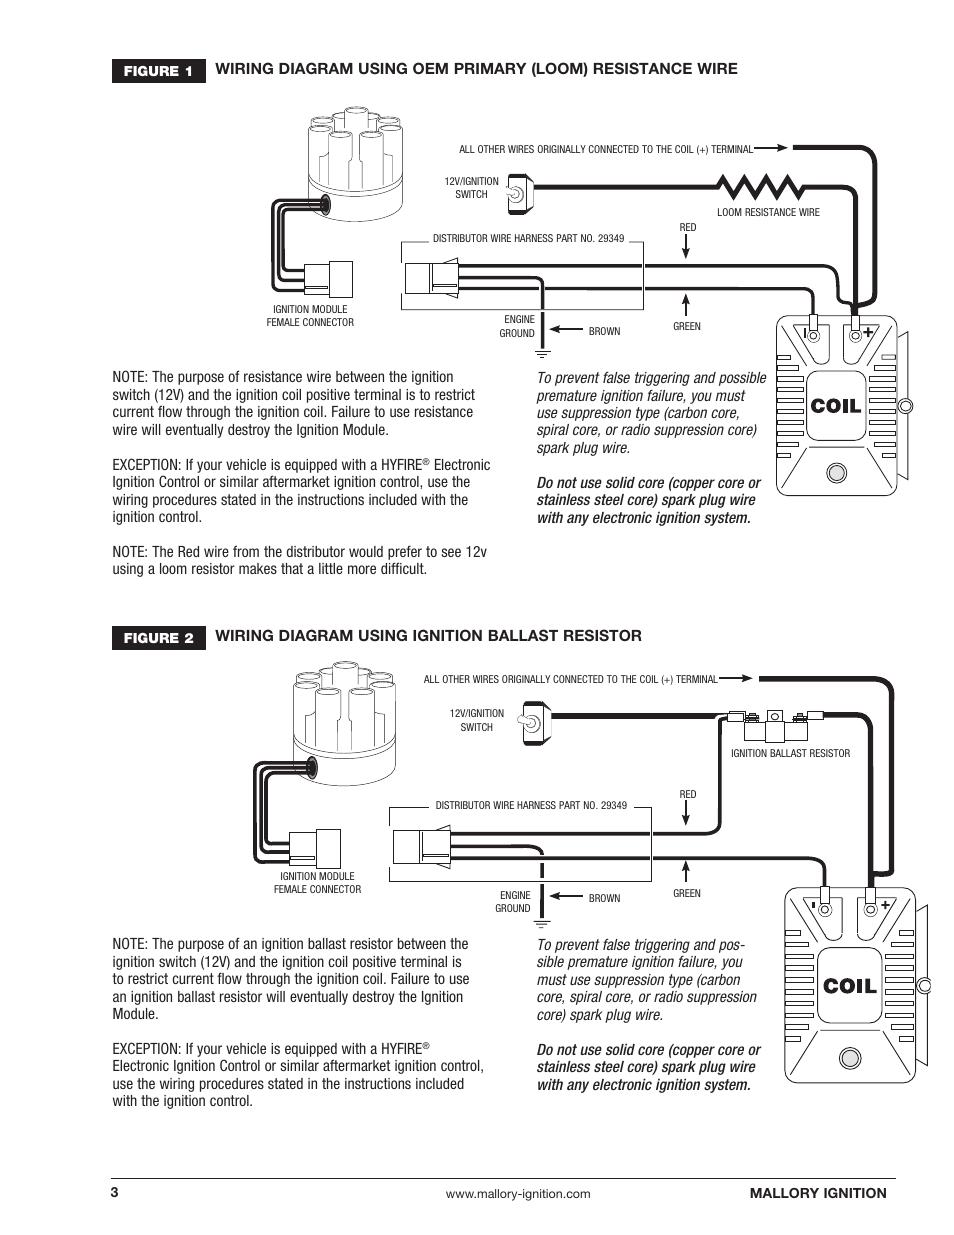 Mallory Hyfire Wiring Diagram Vi. Mallory Electronics, Mallory ... on